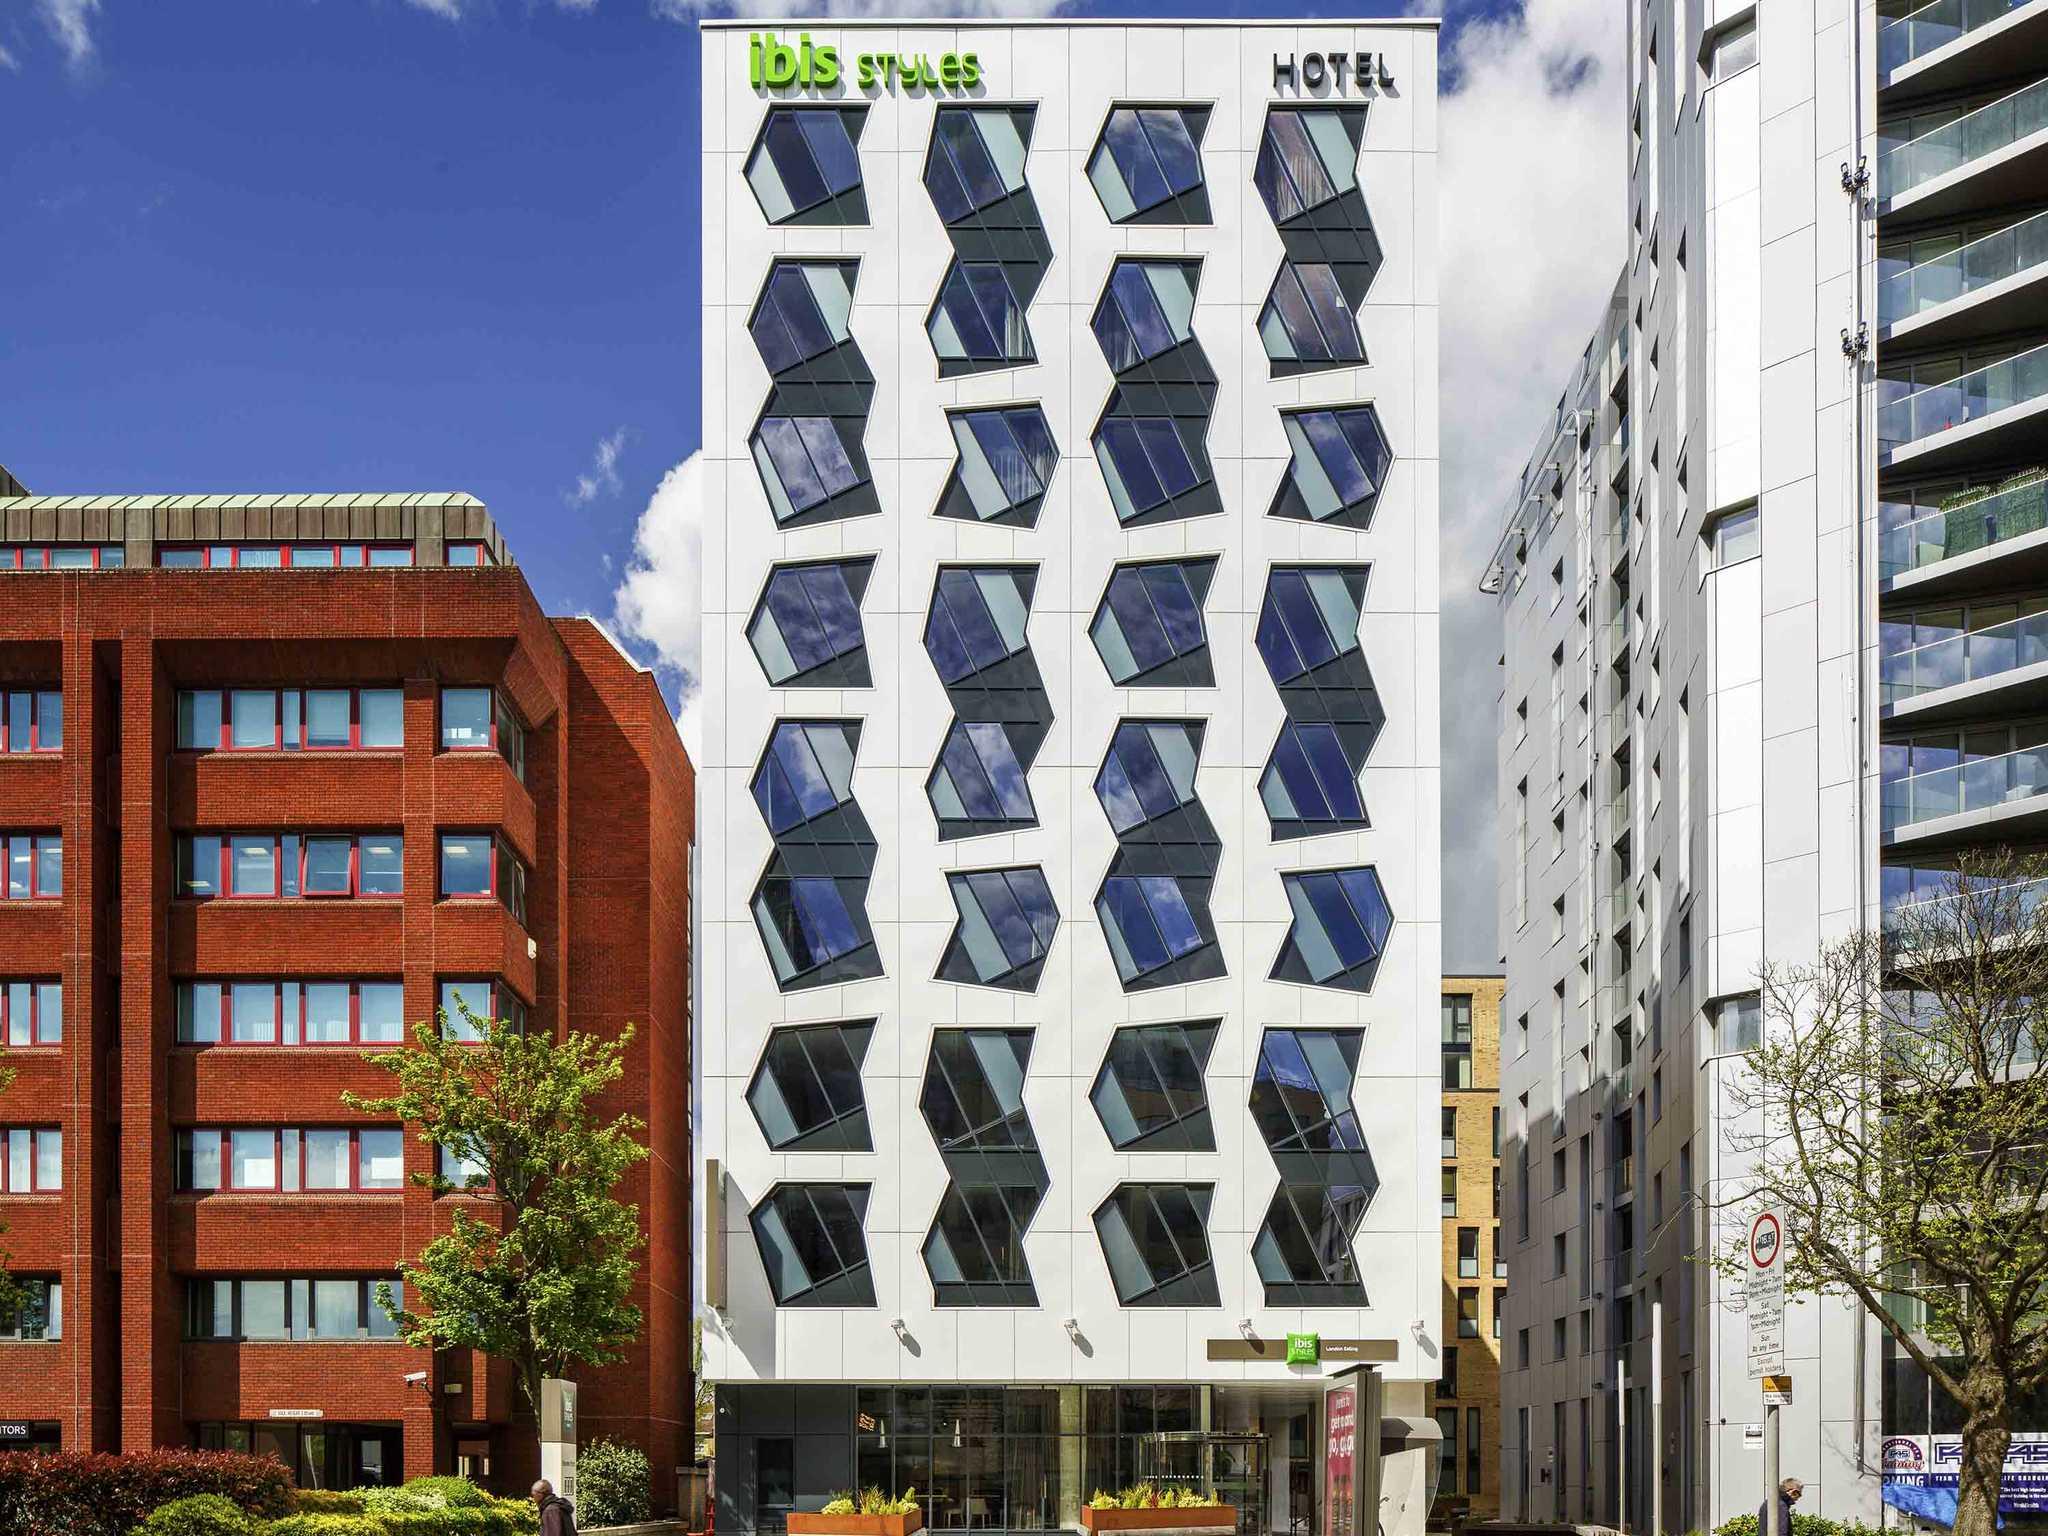 Hotel – Ibis Styles London Ealing (nu geopend)